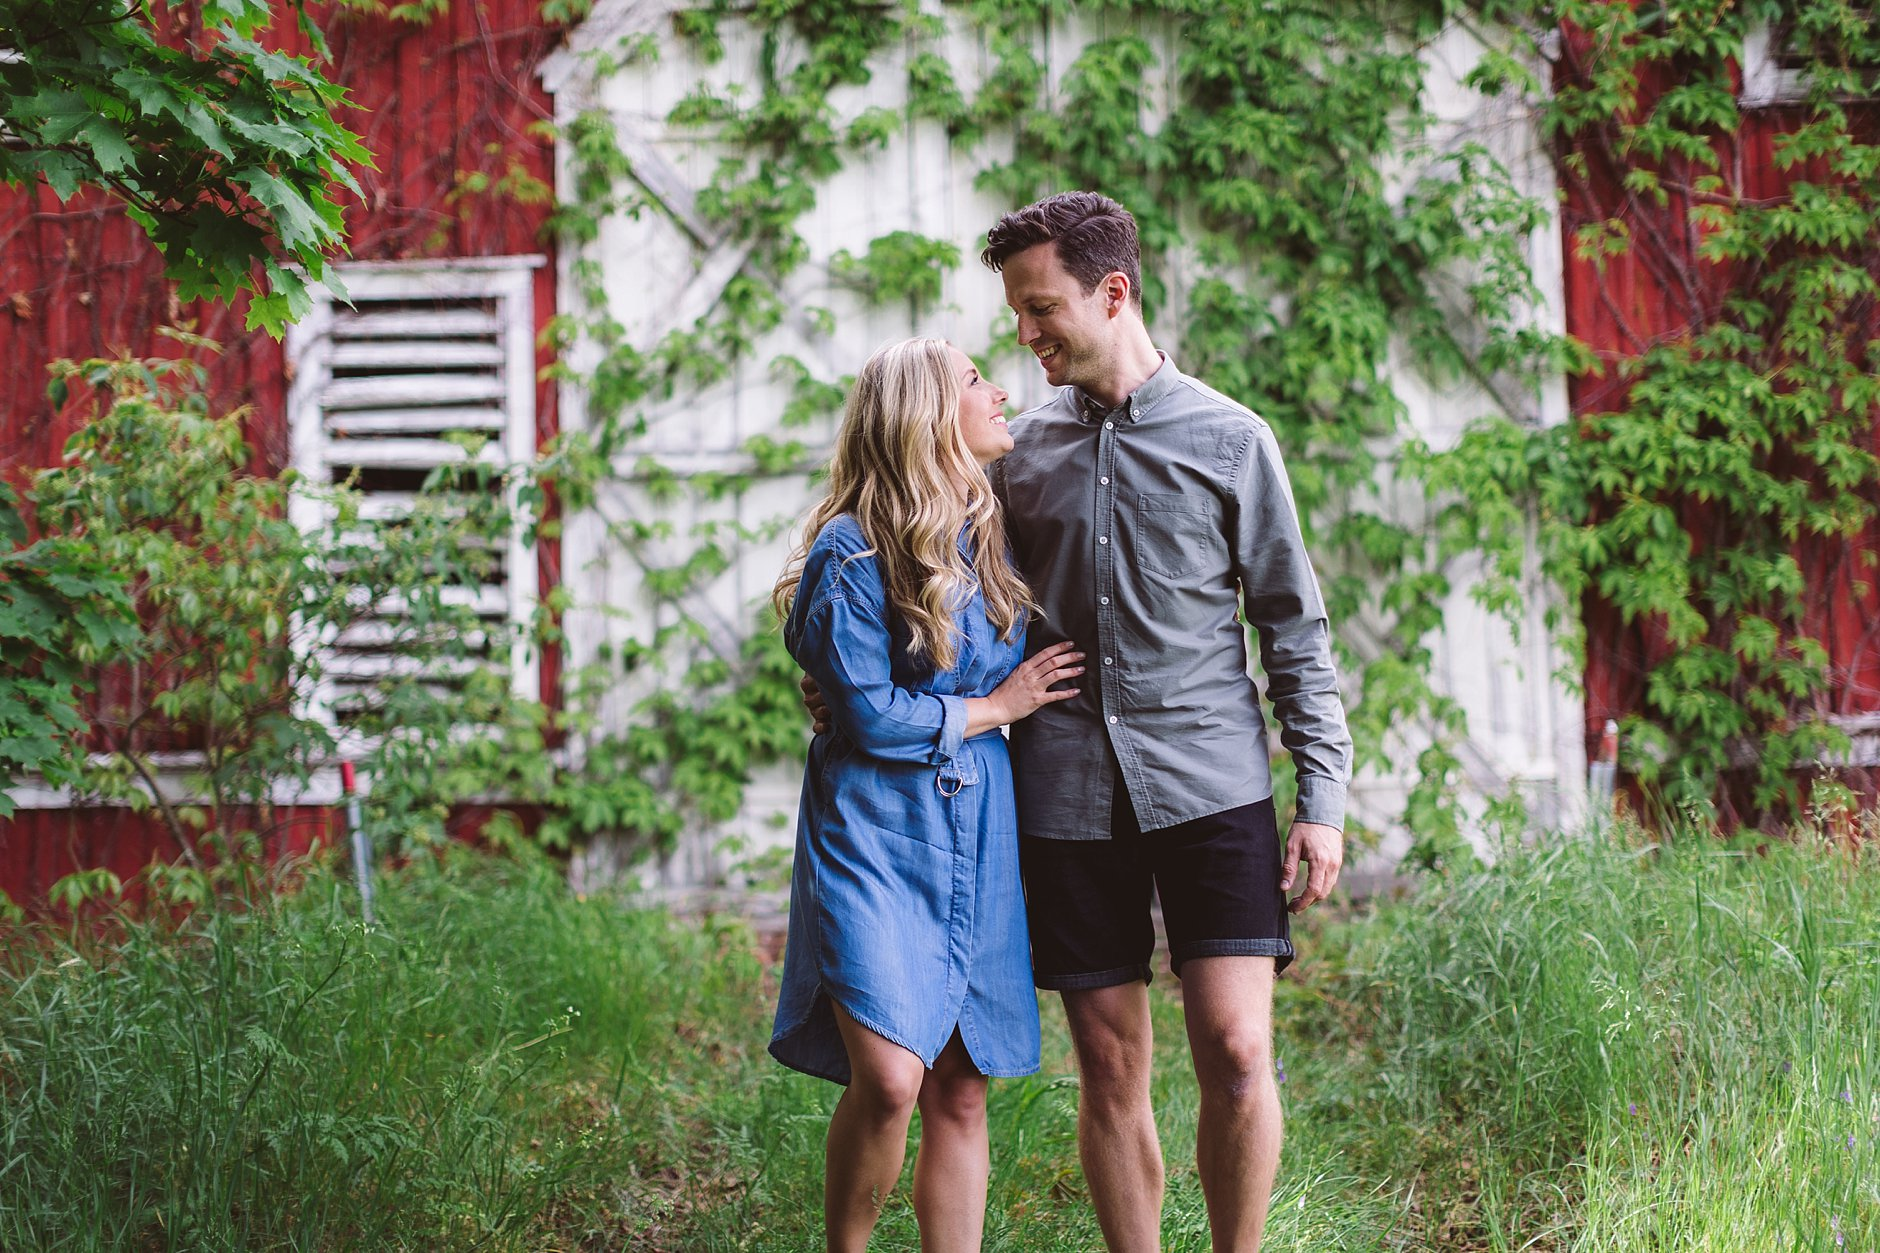 Kjærestebilder på gården